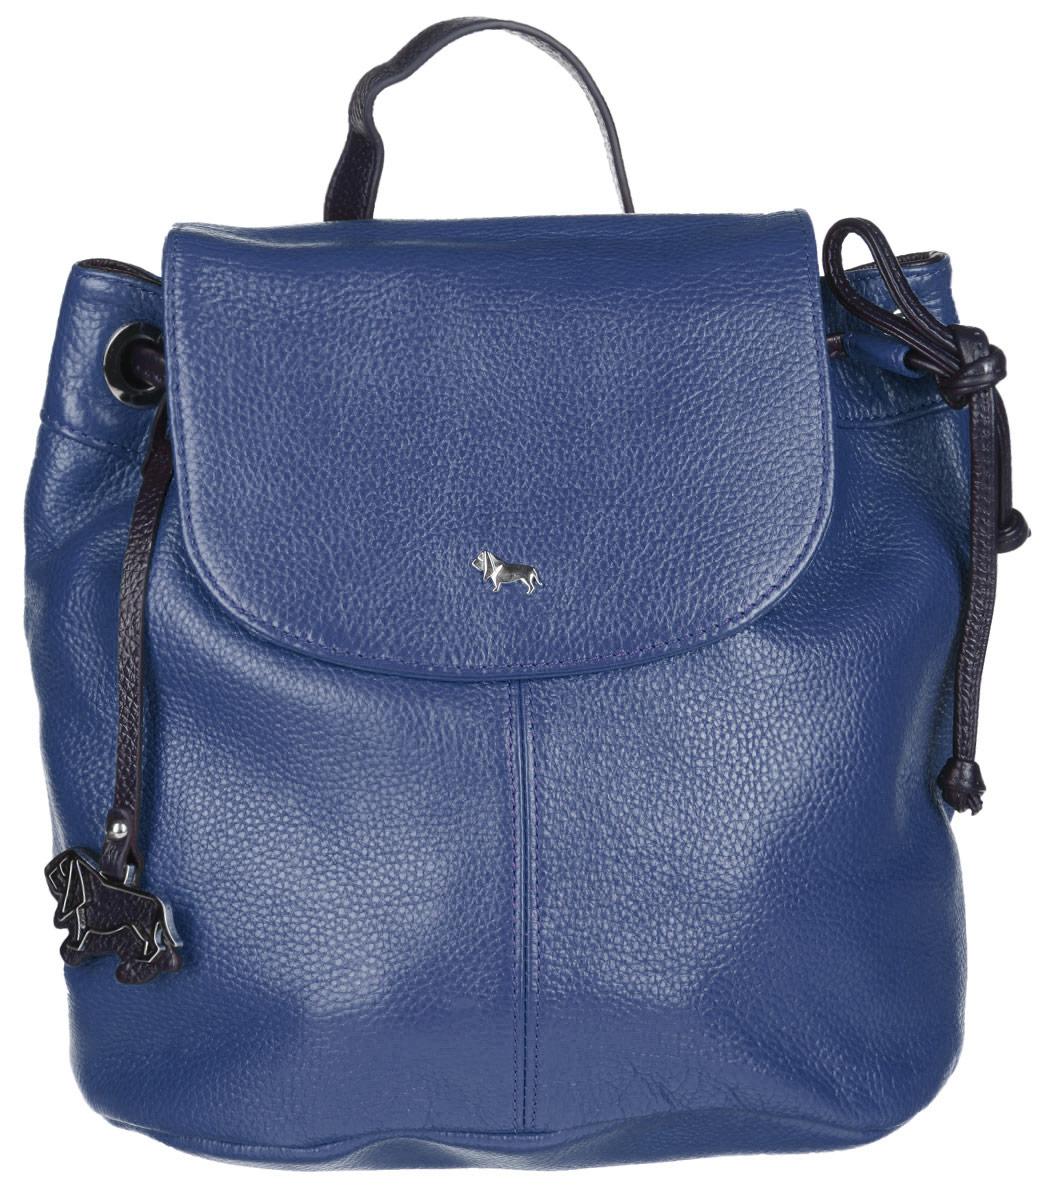 Рюкзак женский Labbra, цвет: синий, черный. L-9916-1L-9916-1Стильный женский рюкзак Labbra выполнен из натуральной кожи с фактурным тиснением. Изделие имеет одно отделение, закрывающееся на клапан с магнитом и дополнительно на затягивающийся шнурок. Внутри находится прорезной карман на застежке-молнии и два открытых накладных кармана. Снаружи, на задней стенке расположен прорезной карман на застежке- молнии. Рюкзак оснащен съемной лямкой, регулируемой по длине, которая позволяет носить изделие на плечах, или в руках, как сумку. Изделие украшено фирменным брелоком. В комплект входит фирменный чехол для хранения. Стильный рюкзак Labbra прекрасно дополнит ваш образ.